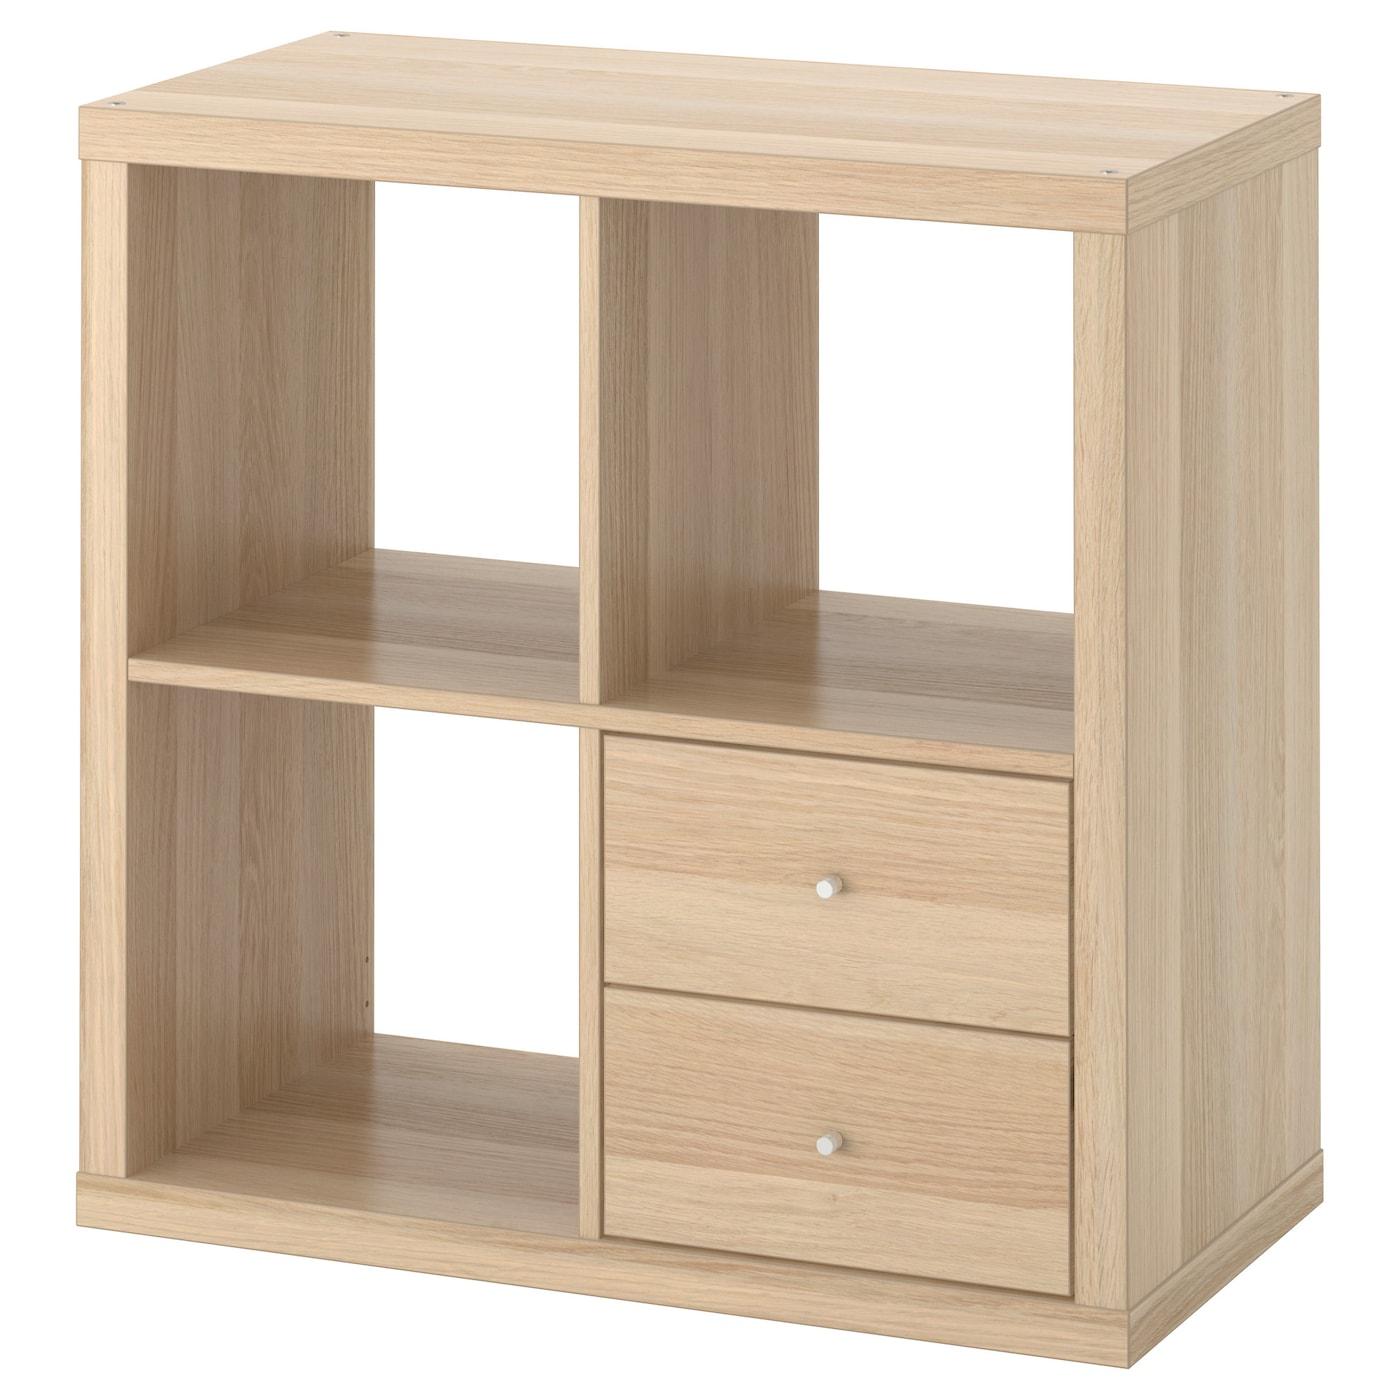 IKEA KALLAX regał z szufladami o fakturze dębu pokrytego białą bejcą, 77x77 cm